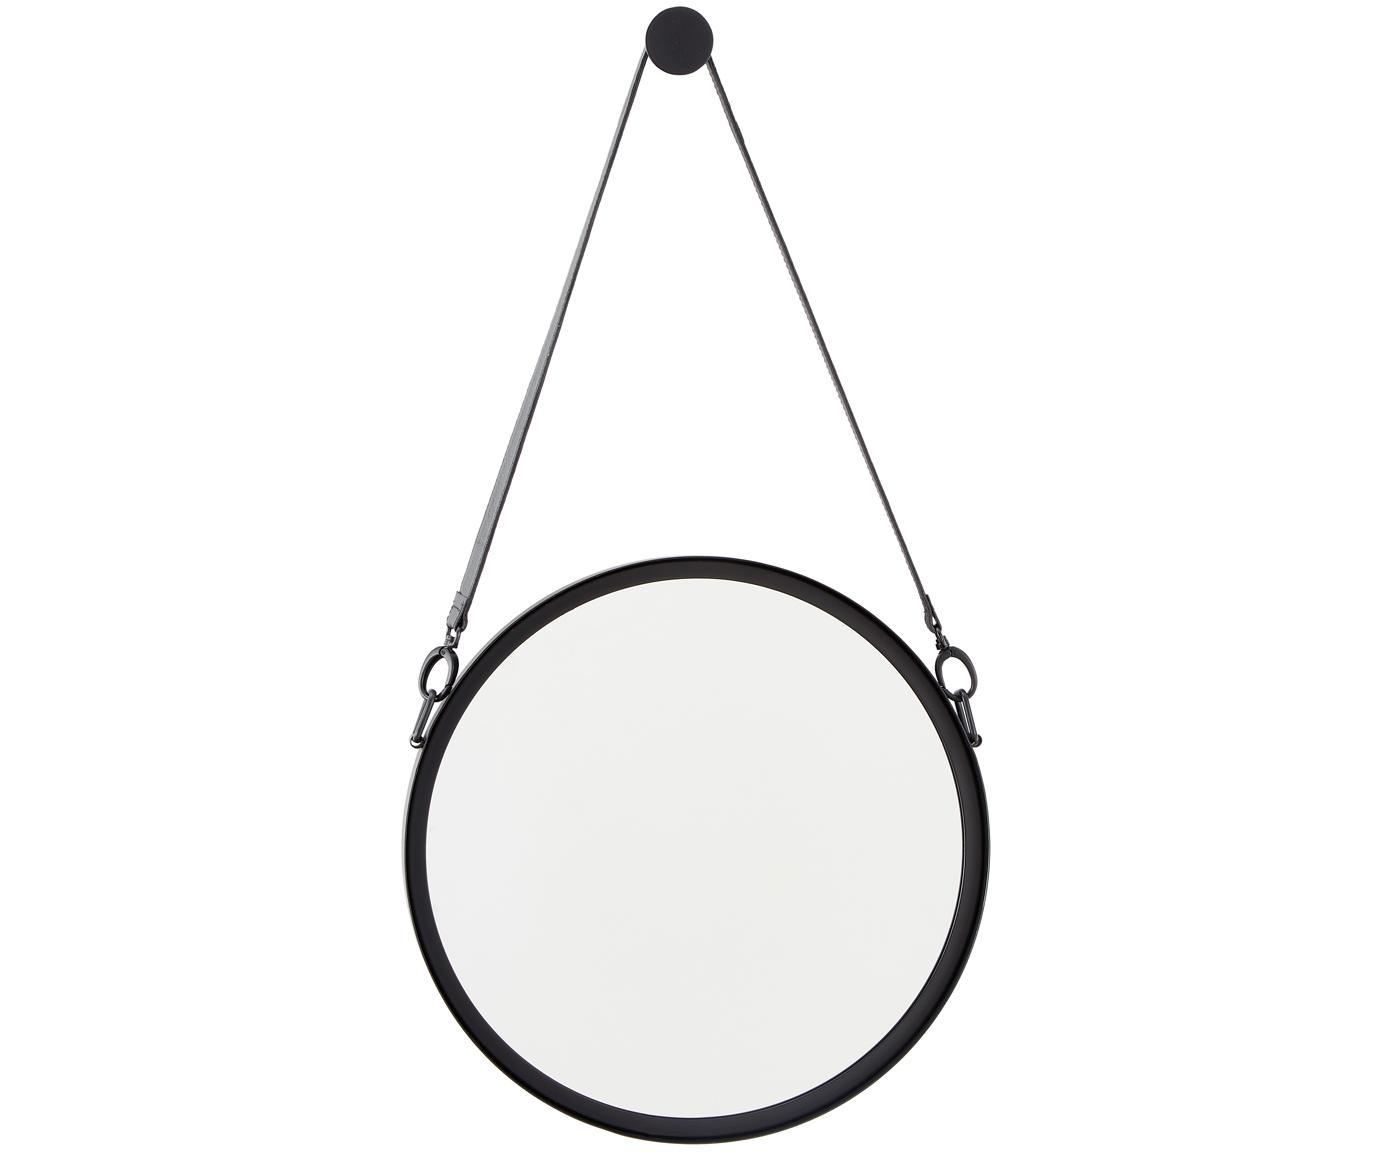 Okrągłe lustro ścienne ze skórzaną pętlą Liz, Czarny, Ø 40 cm